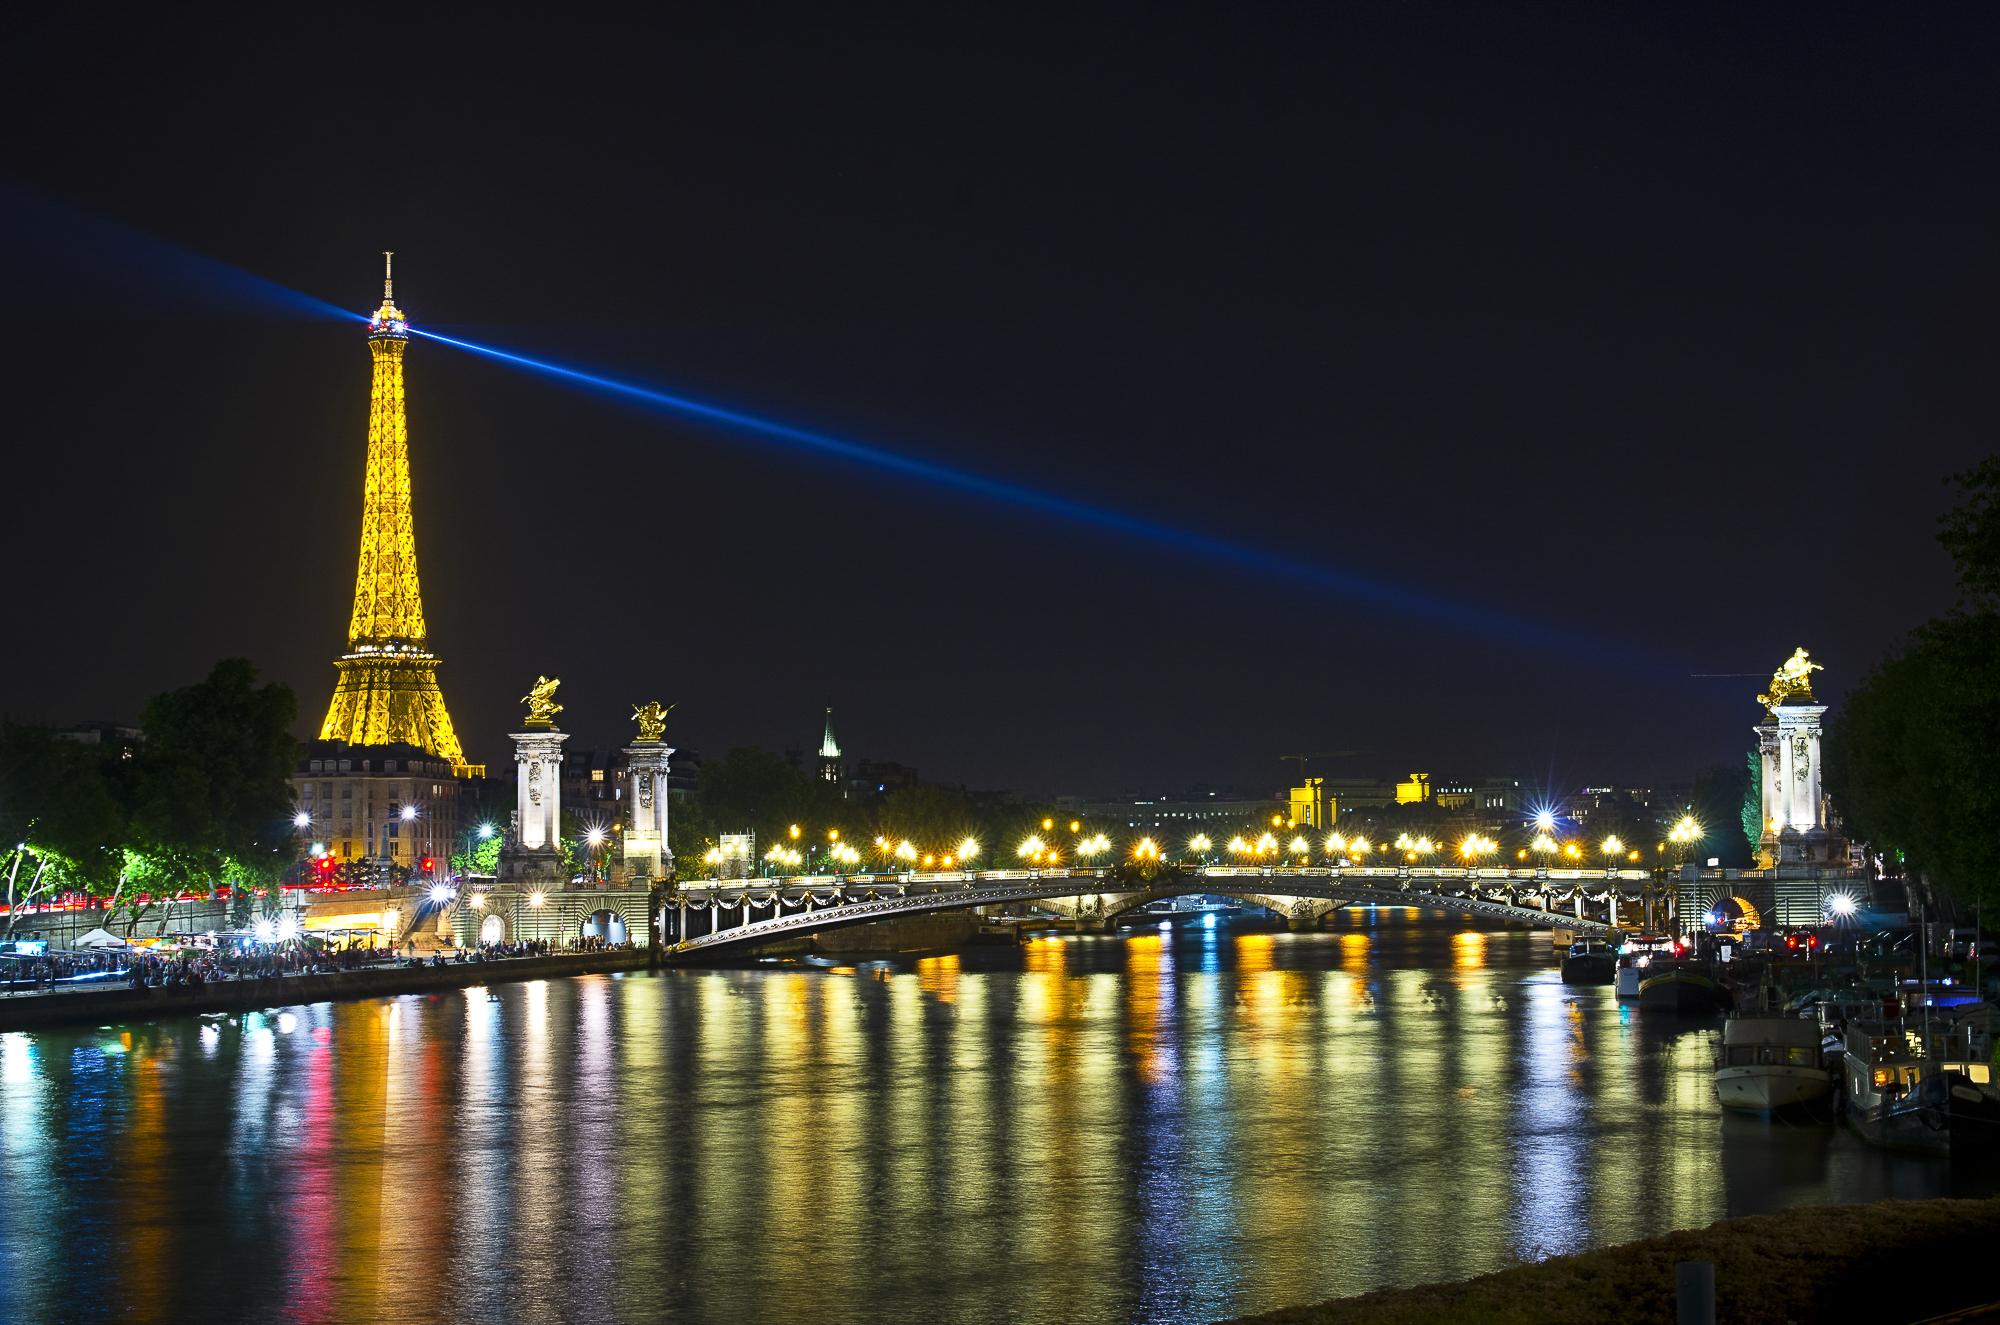 paris-extended-photo-tour-002.jpg